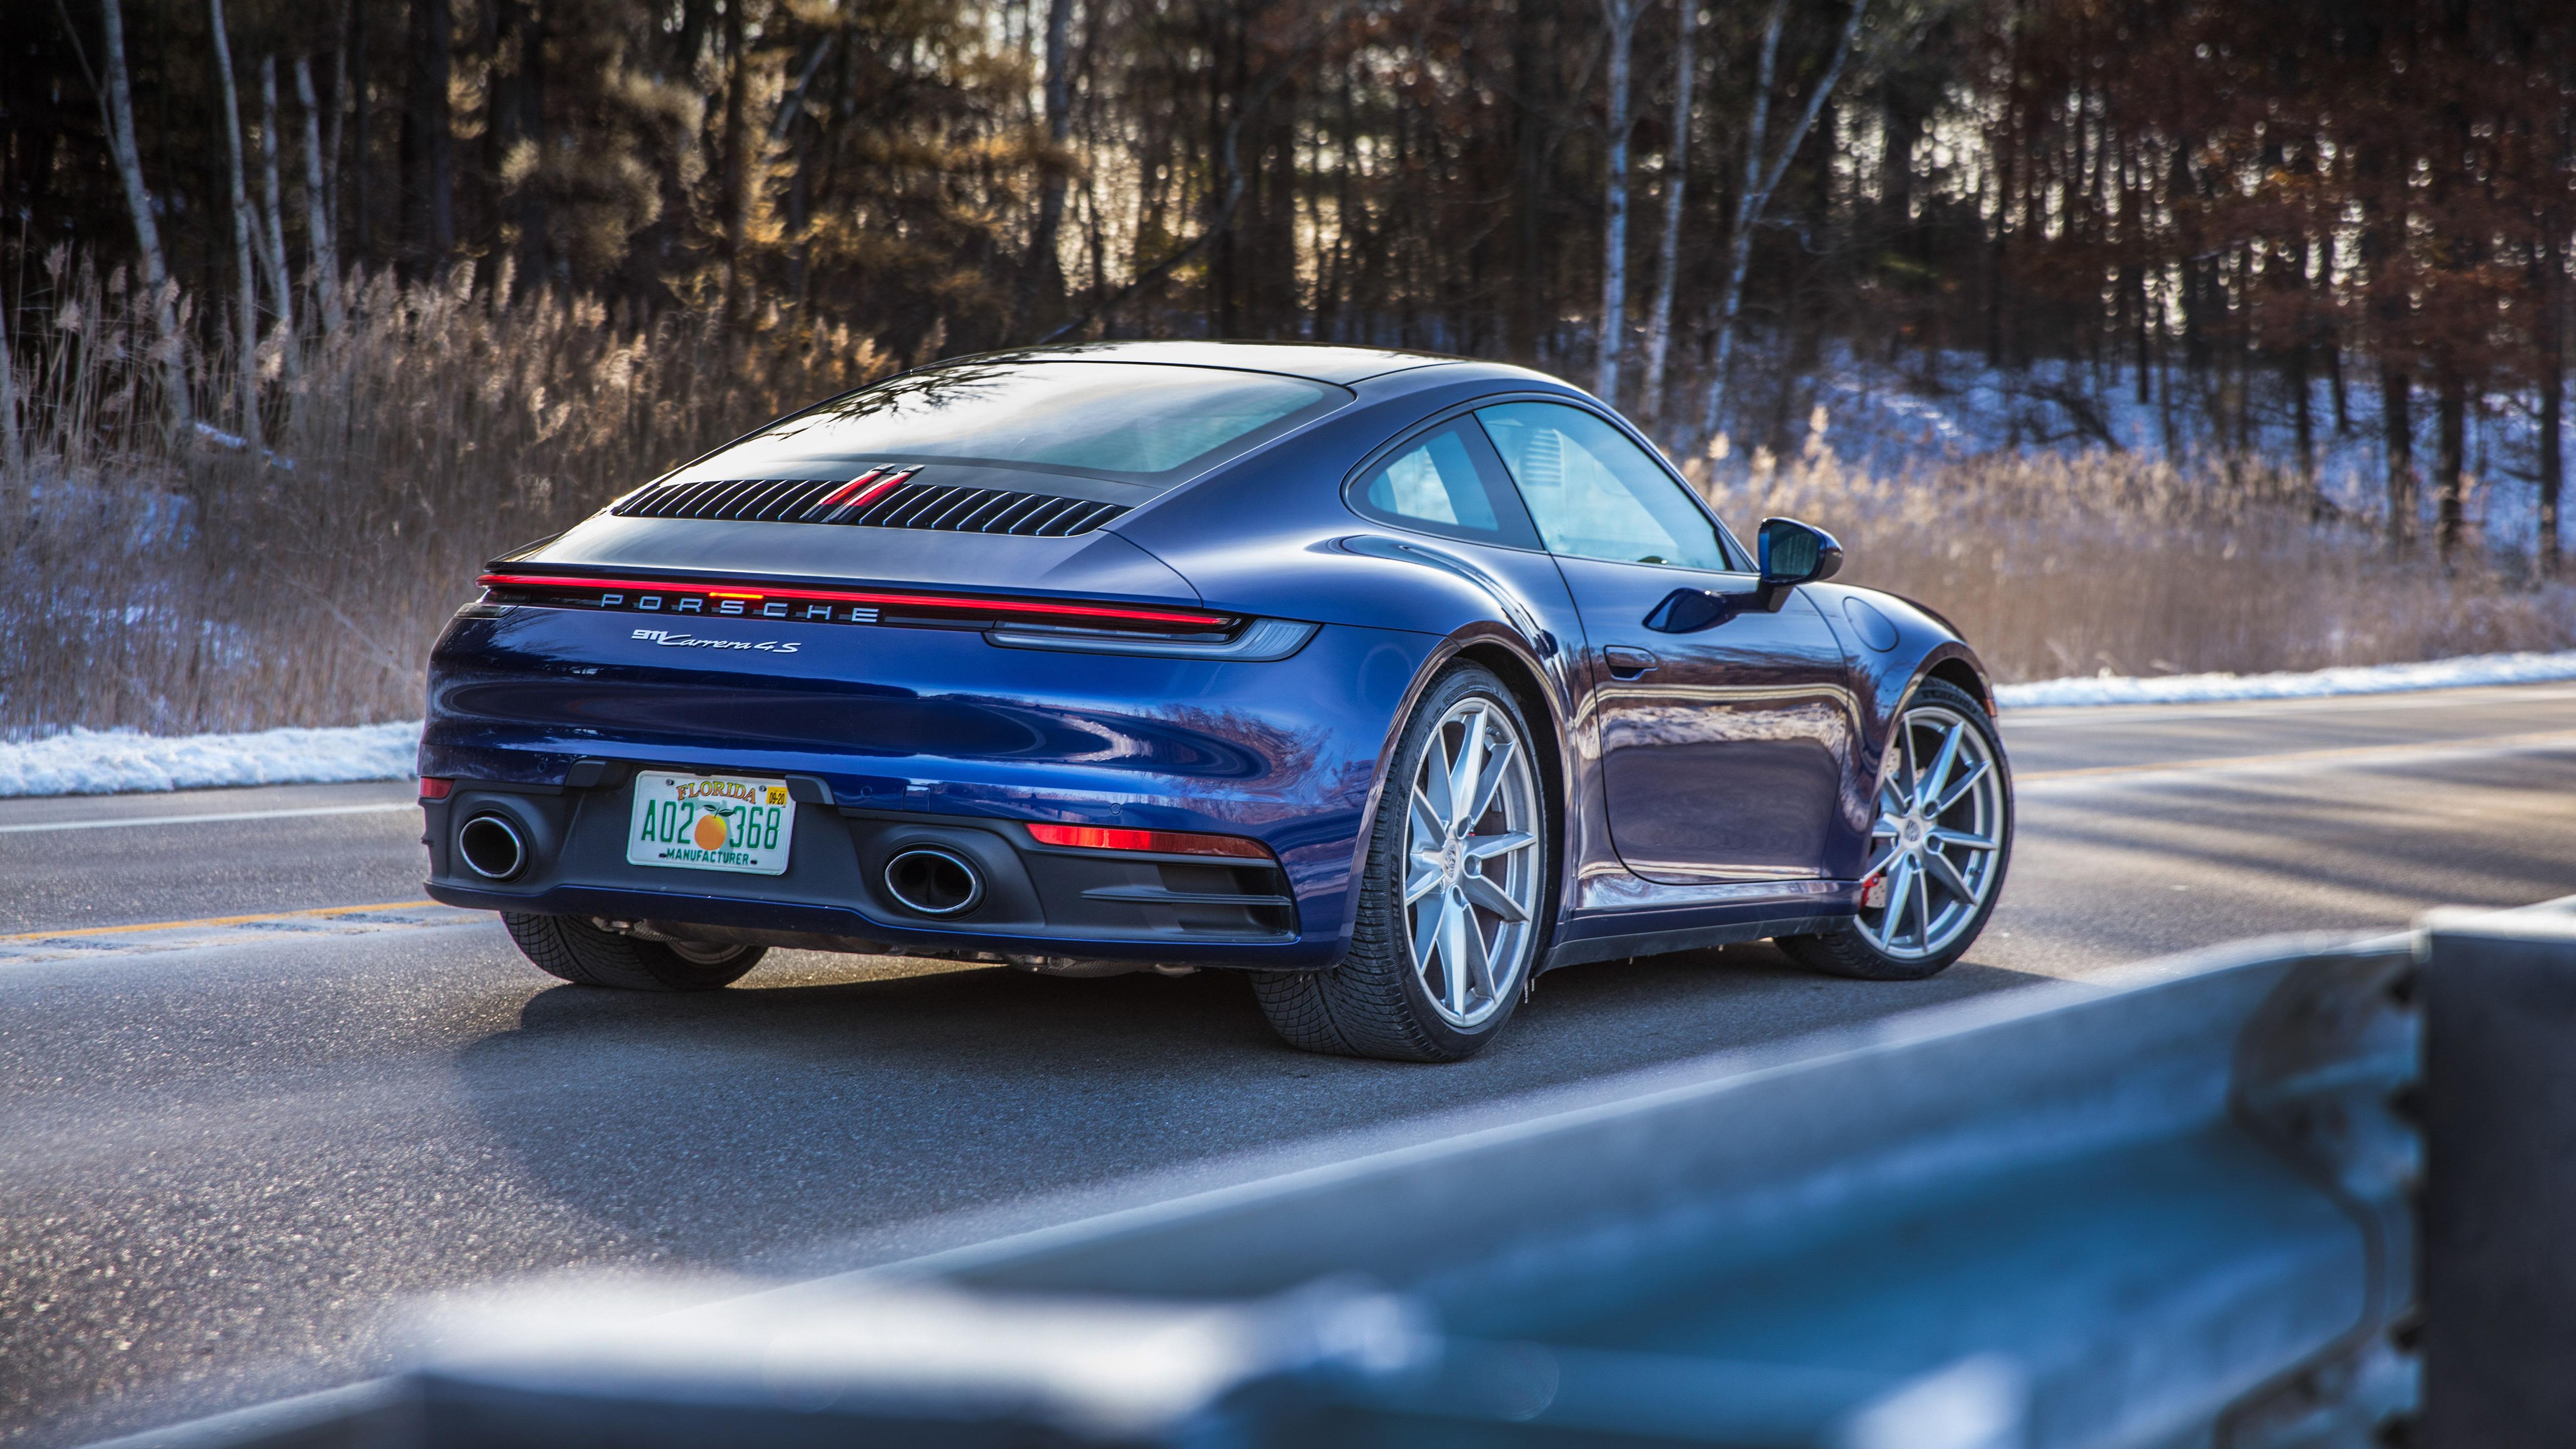 2020 Porsche 911 Carrera 4s 5k 2 Wallpaper Hd Car Wallpapers Id 14092